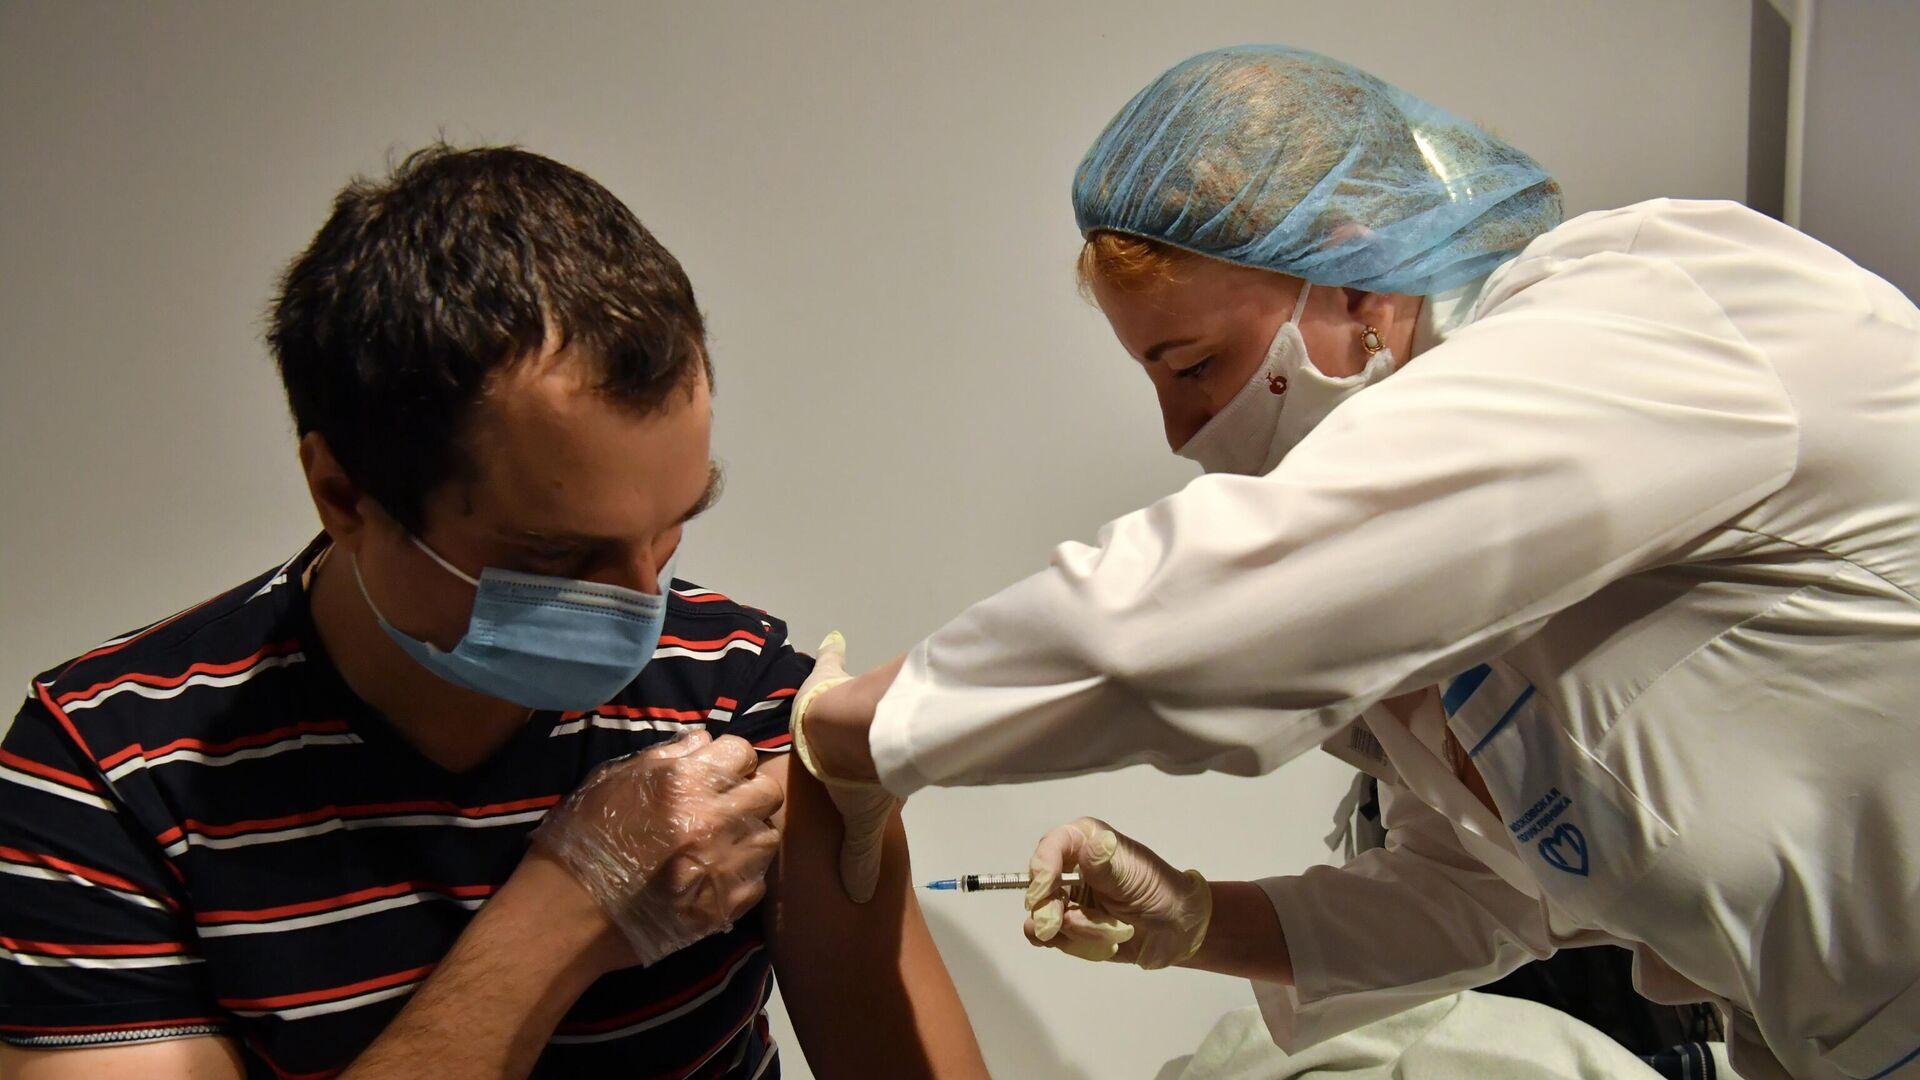 Мужчине делают прививку от коронавируса - РИА Новости, 1920, 18.01.2021